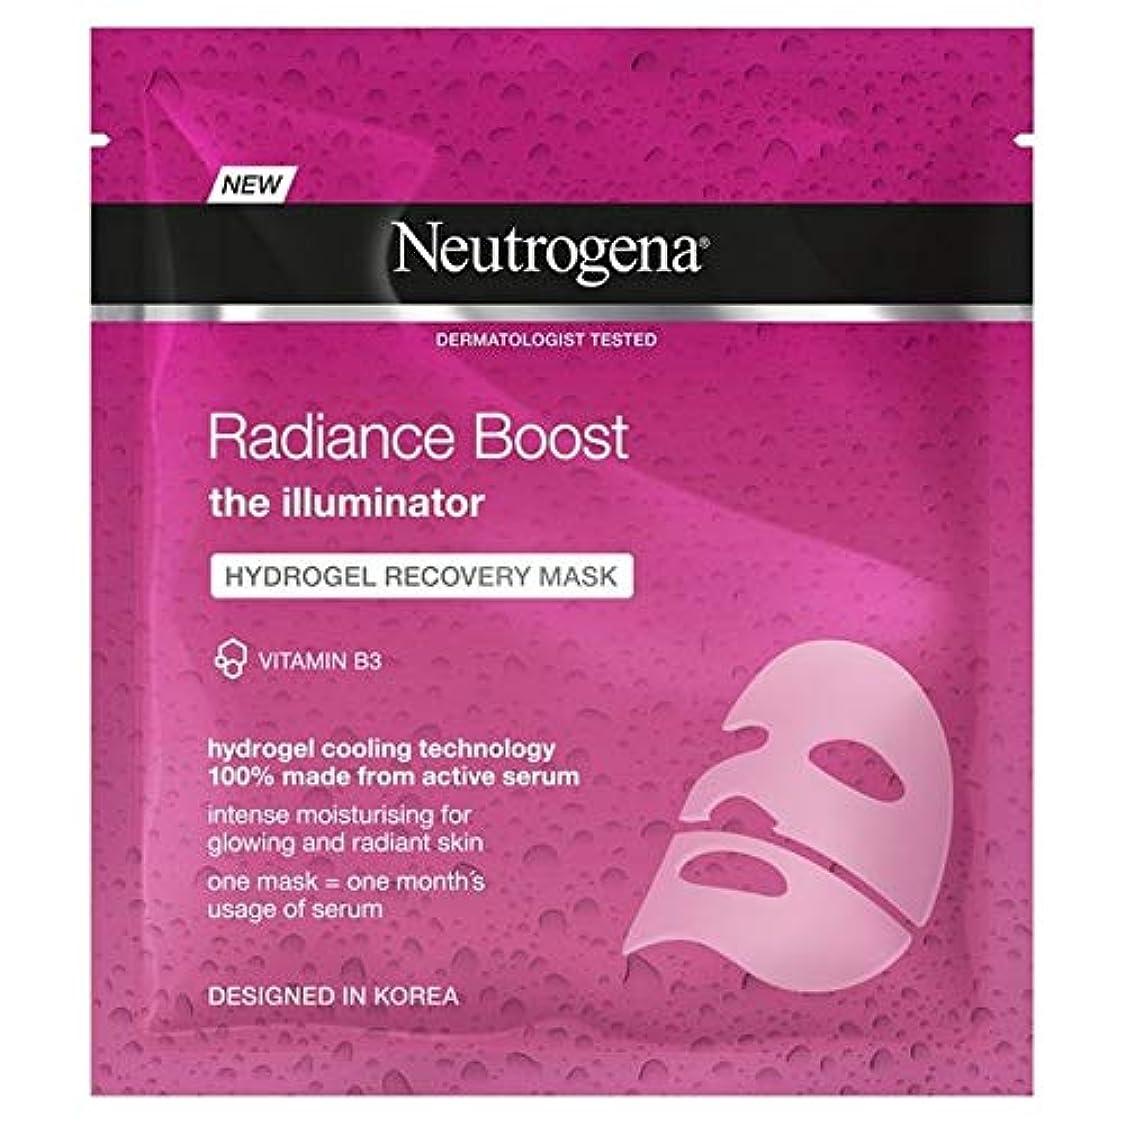 敬意補充トレード[Neutrogena] ニュートロジーナ放射輝度ブーストハイドロゲルマスク30ミリリットル - Neutrogena Radiance Boost Hydrogel Mask 30ml [並行輸入品]